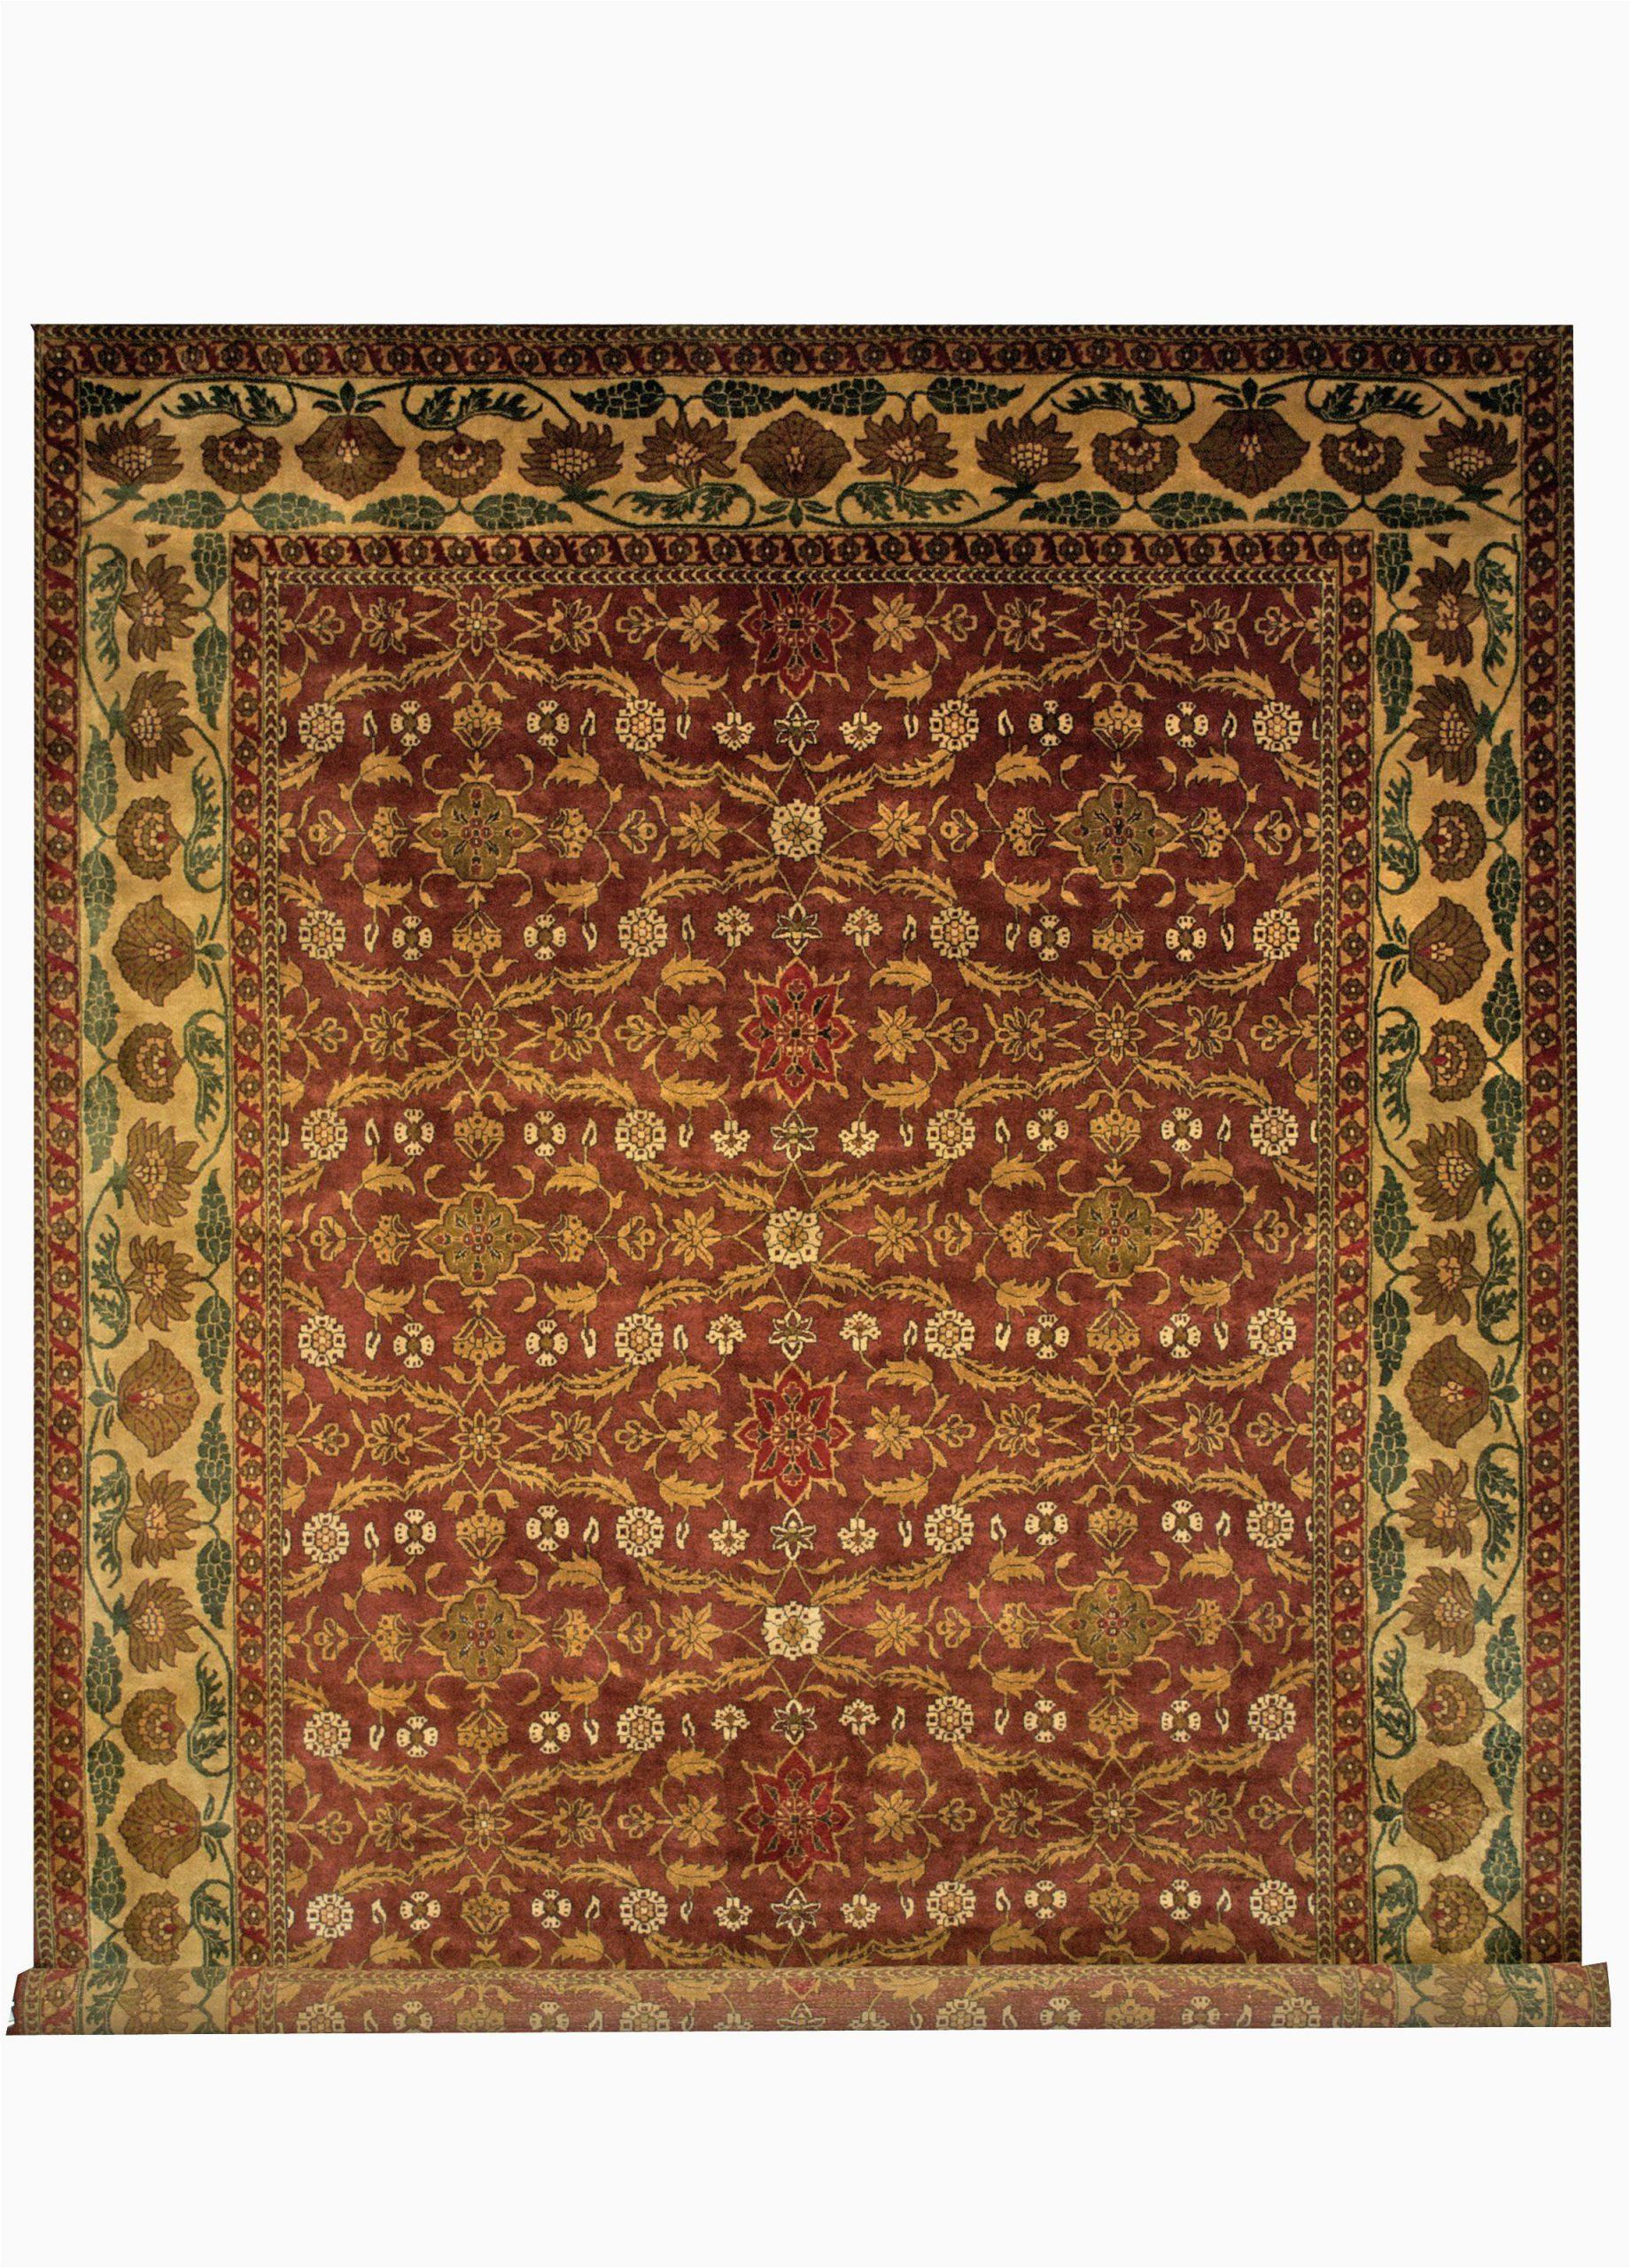 old world kerman 8 10 x 11 8 handmade area rug